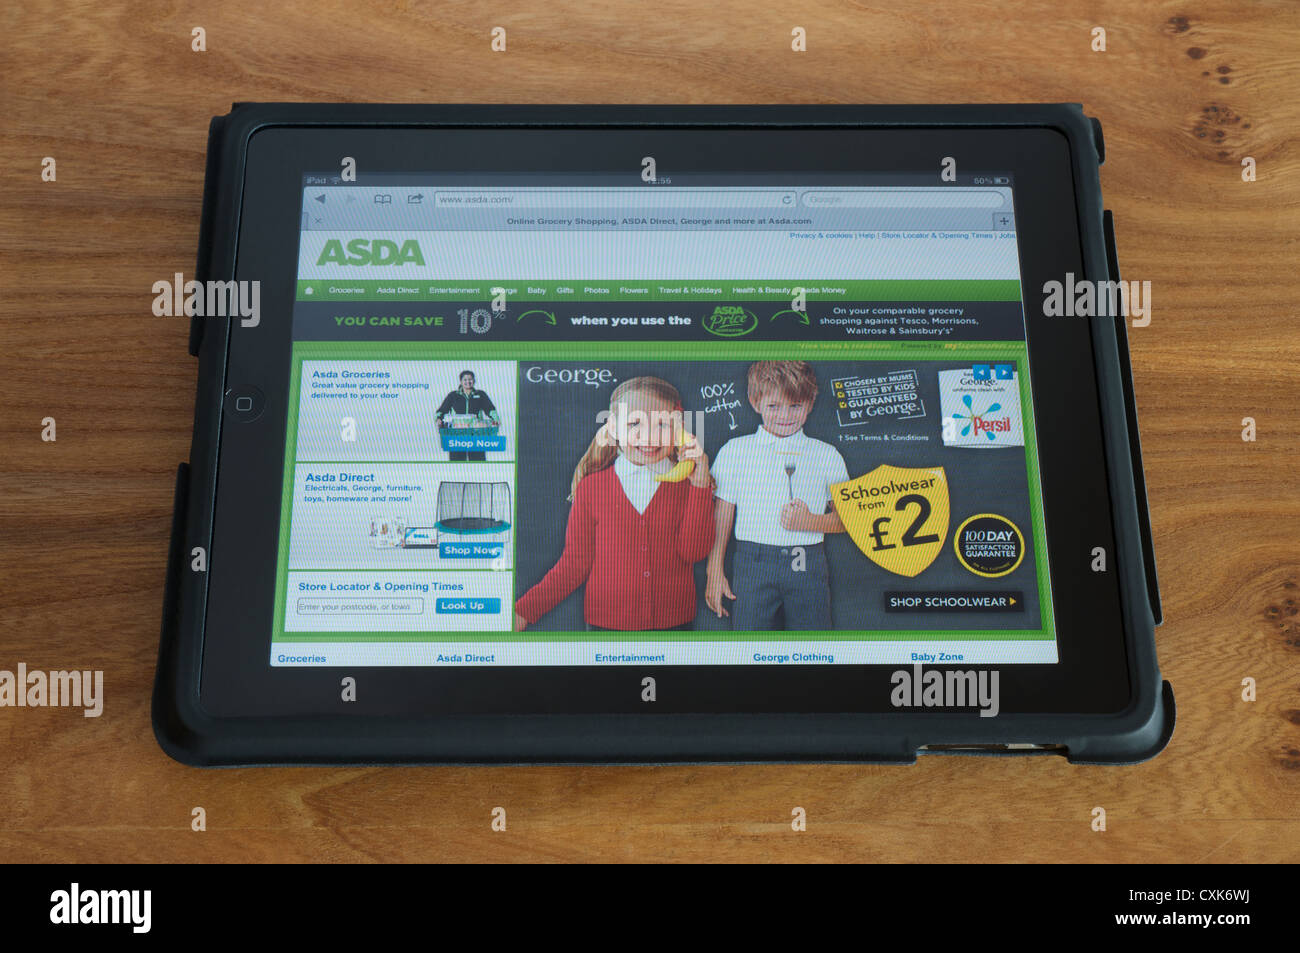 Asda Online Shopping Stock Photos & Asda Online Shopping Stock ...